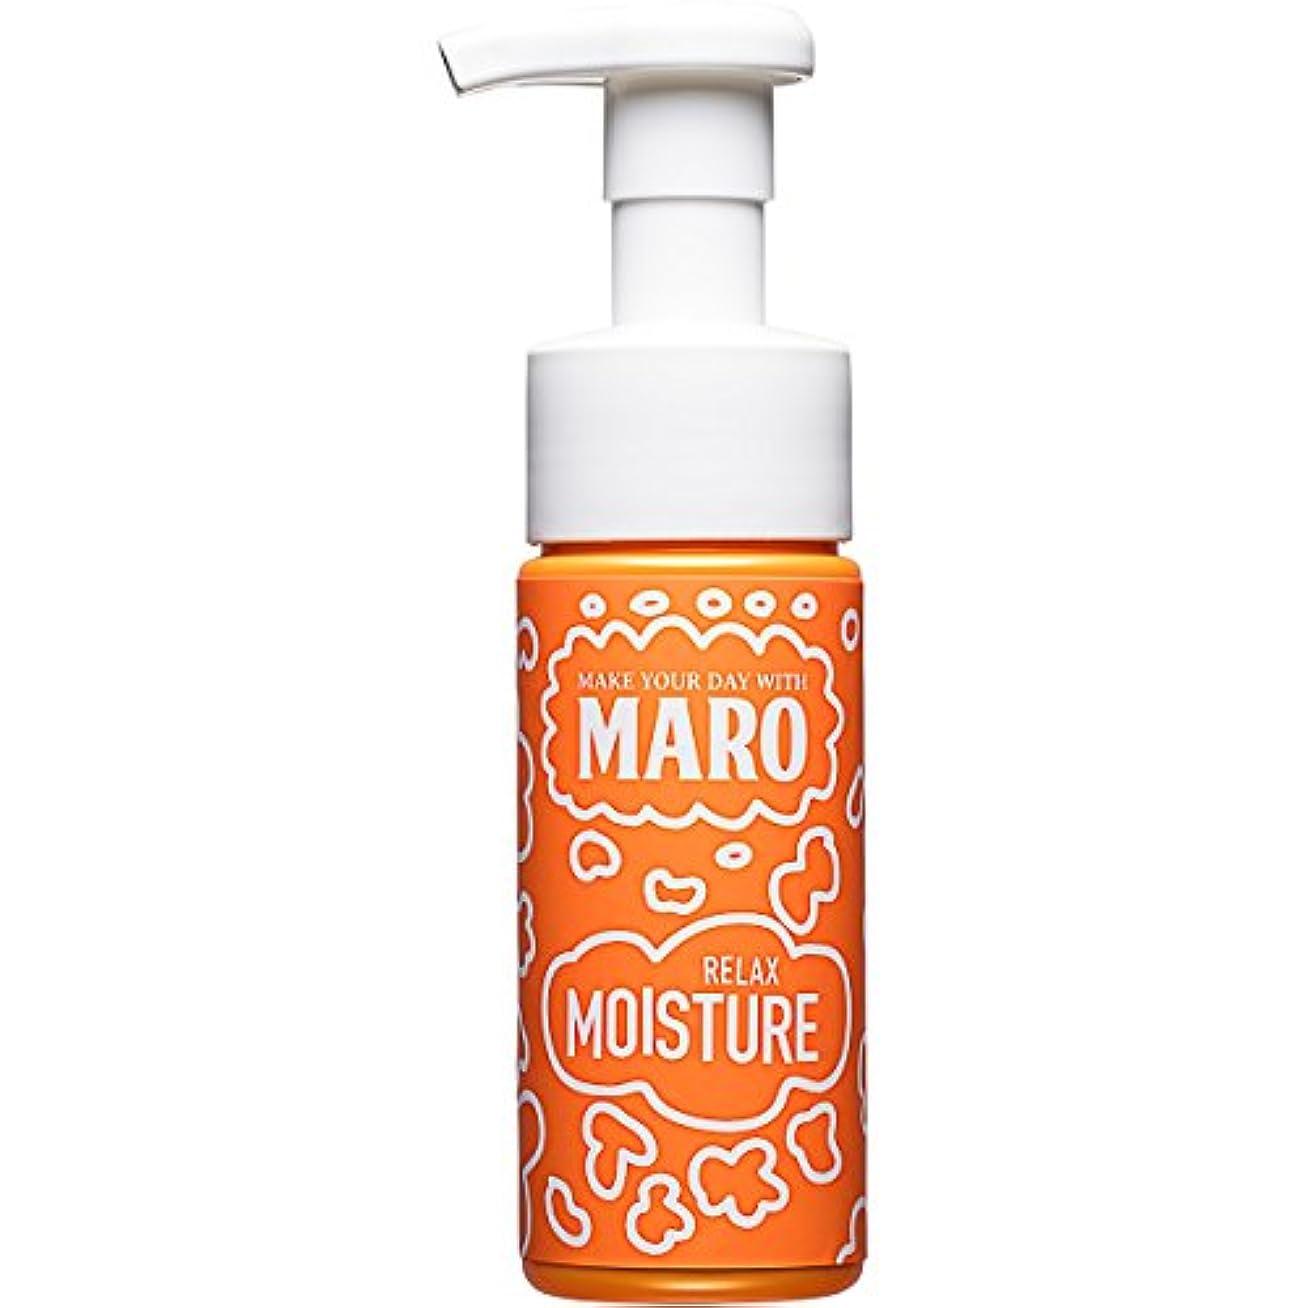 販売計画定規いろいろMARO グルーヴィー 泡洗顔 リラックスモイスチャー 150ml